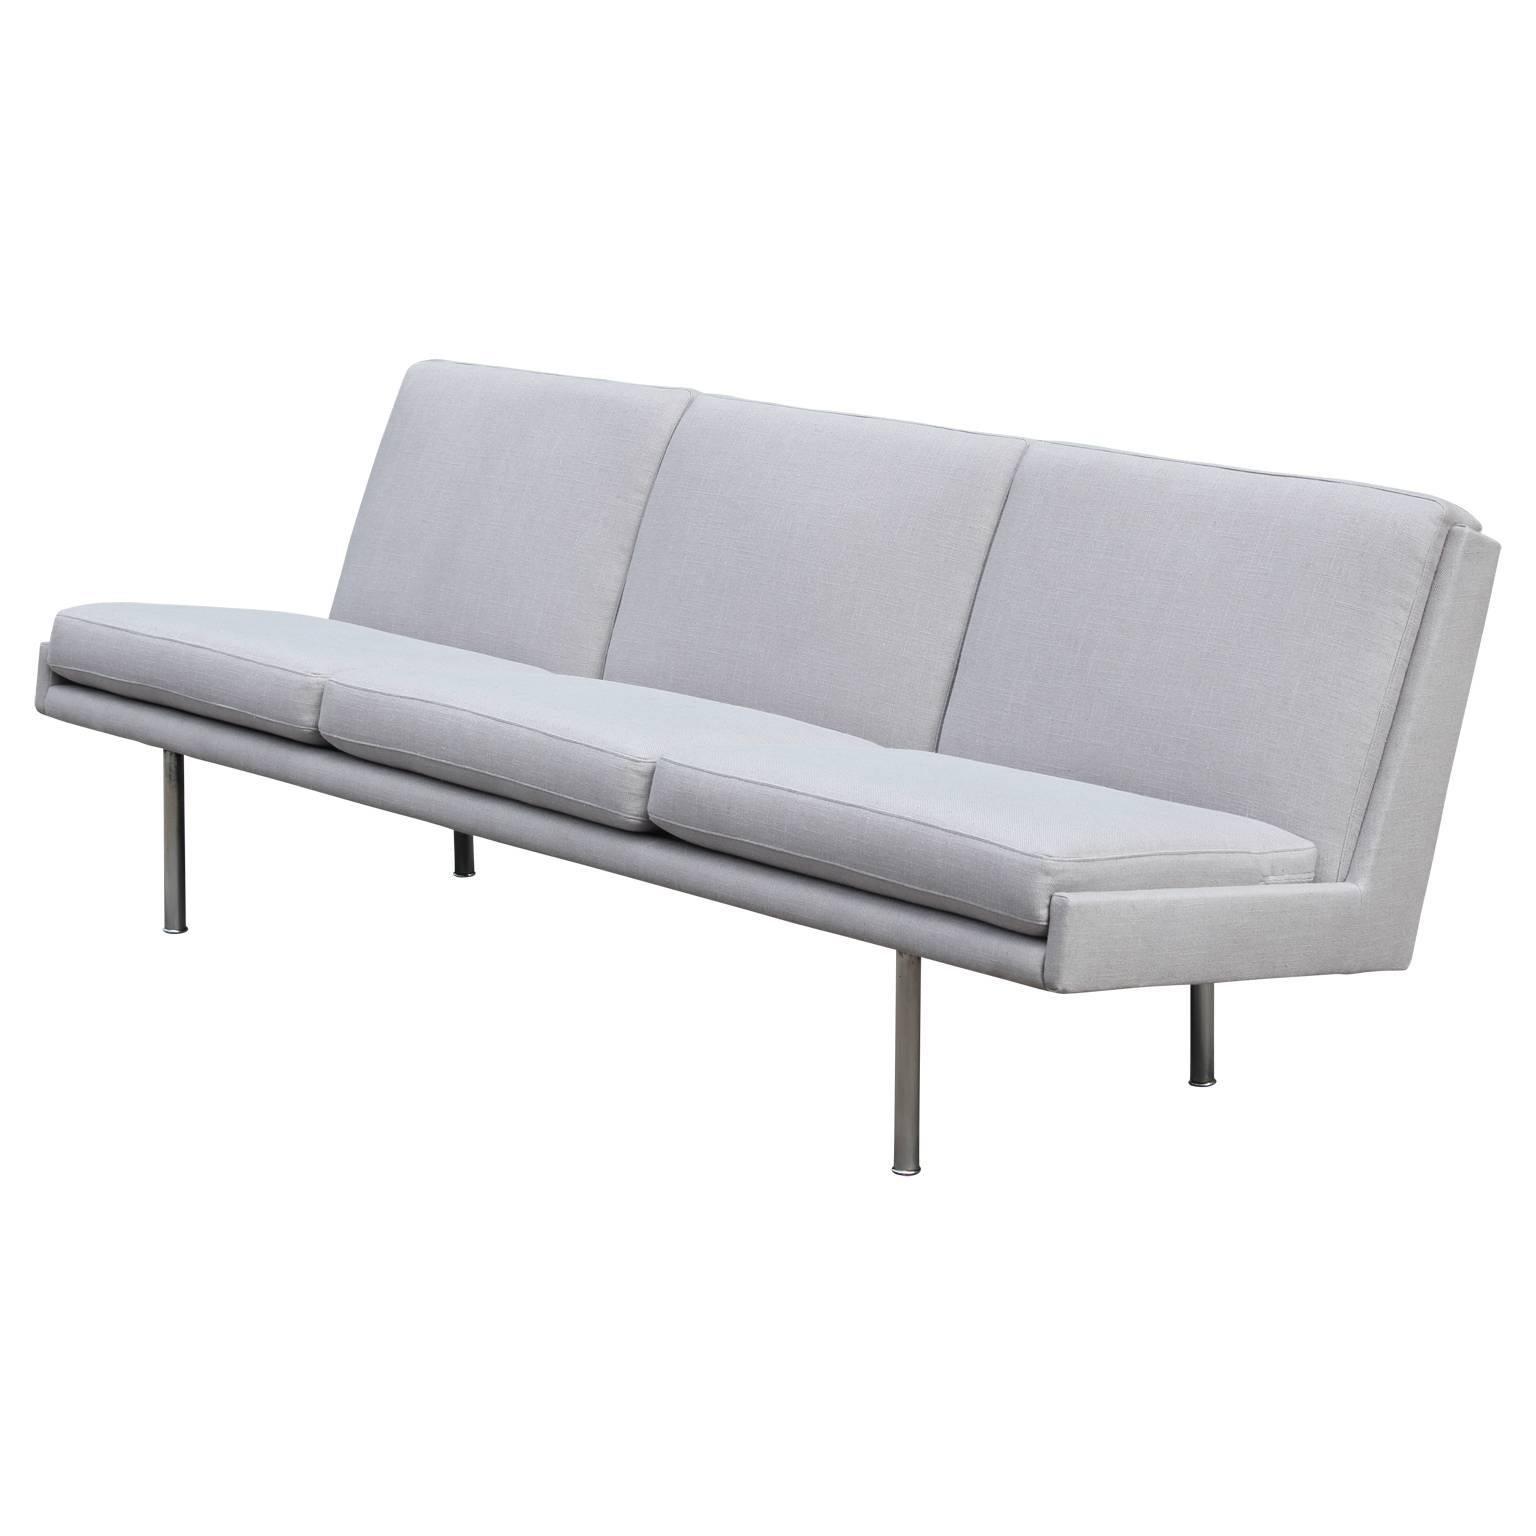 antony todd sofa purple velvet covers hans wegner home the honoroak